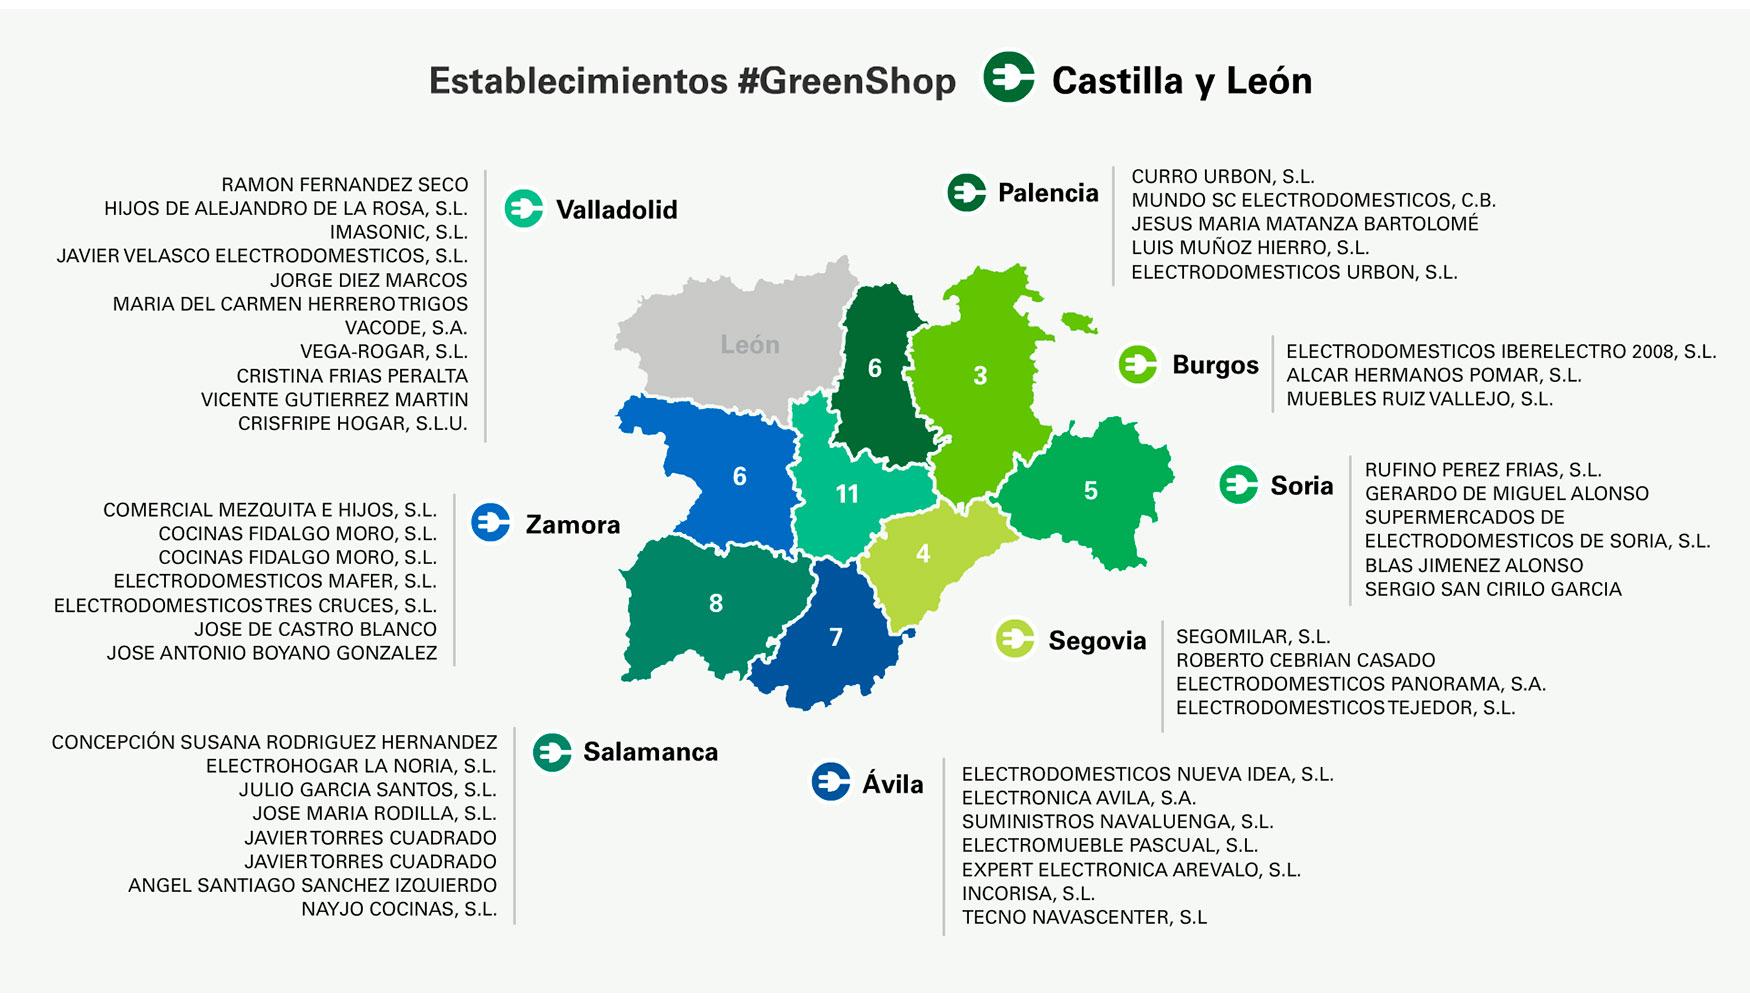 Mapa Castilla Y Leon En Blanco.La Fundacion Ecolec Elige Castilla Y Leon Para La Puesta En